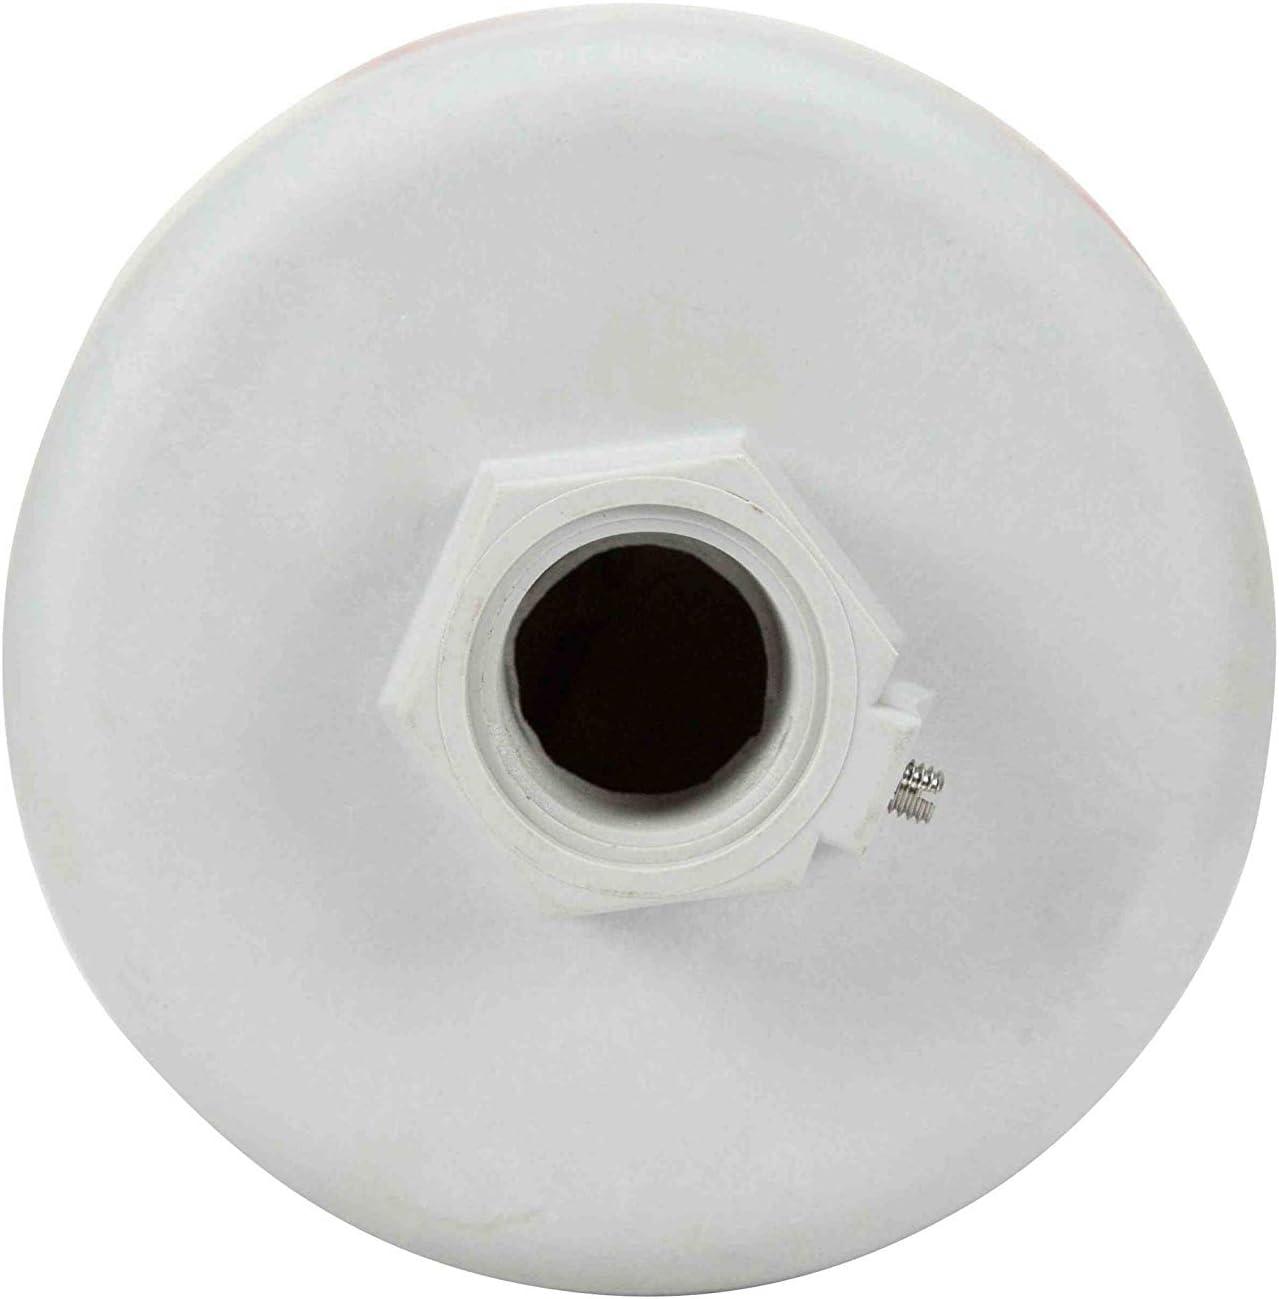 10W Chemical Resistant LED Light - C1D2 - C2D2 - Non-Metallic - Polycarbonate Lens -Corrosion Resist